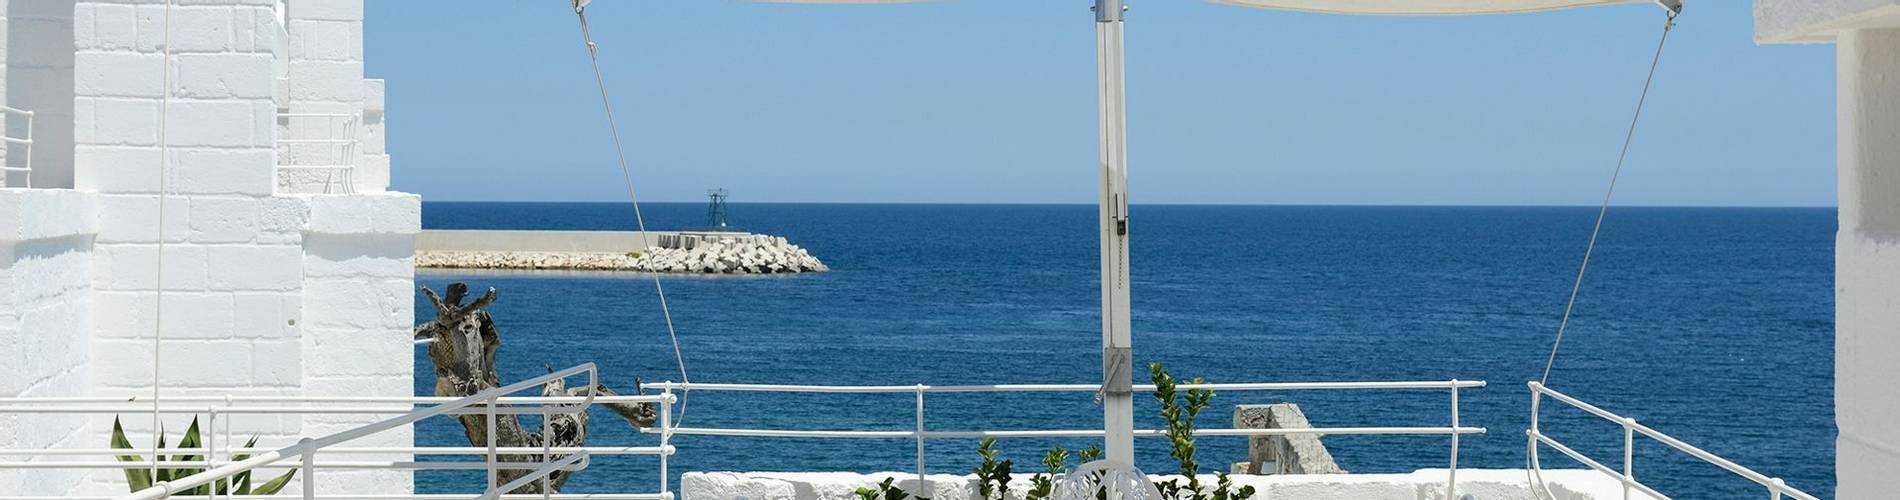 Don Ferrante, Puglia, Italy (32).jpg